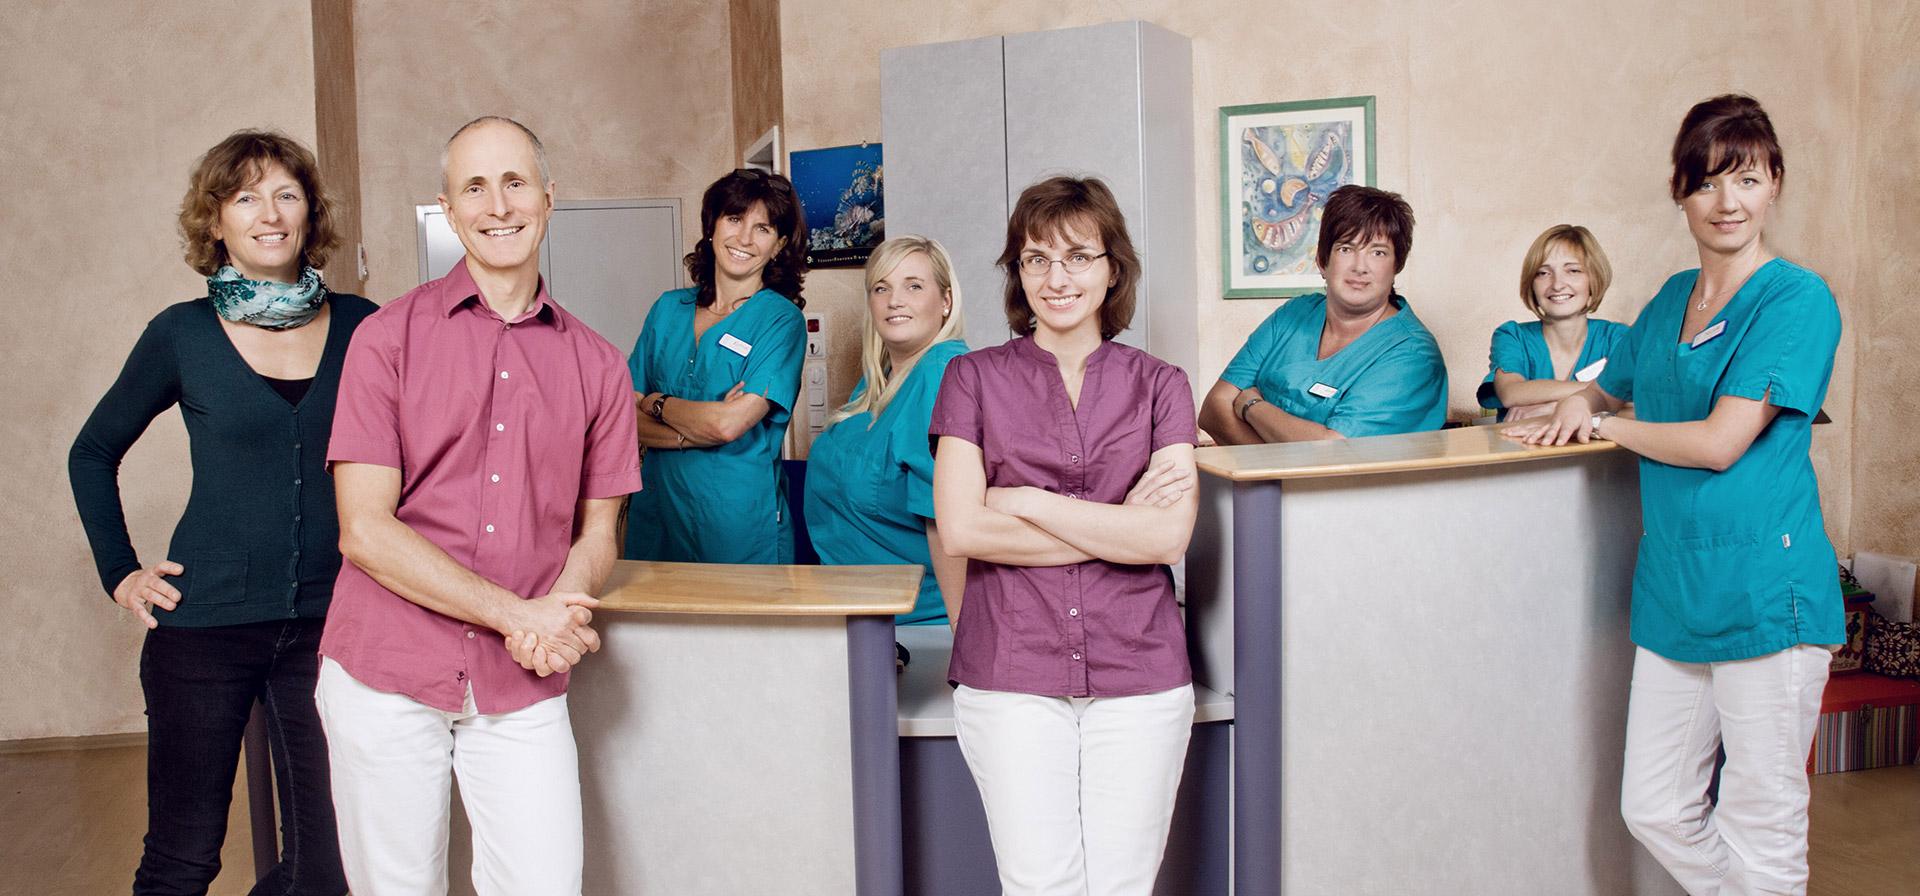 Das Team der Fachpraxis für Kieferorthopädie von Dr. Peter Ring